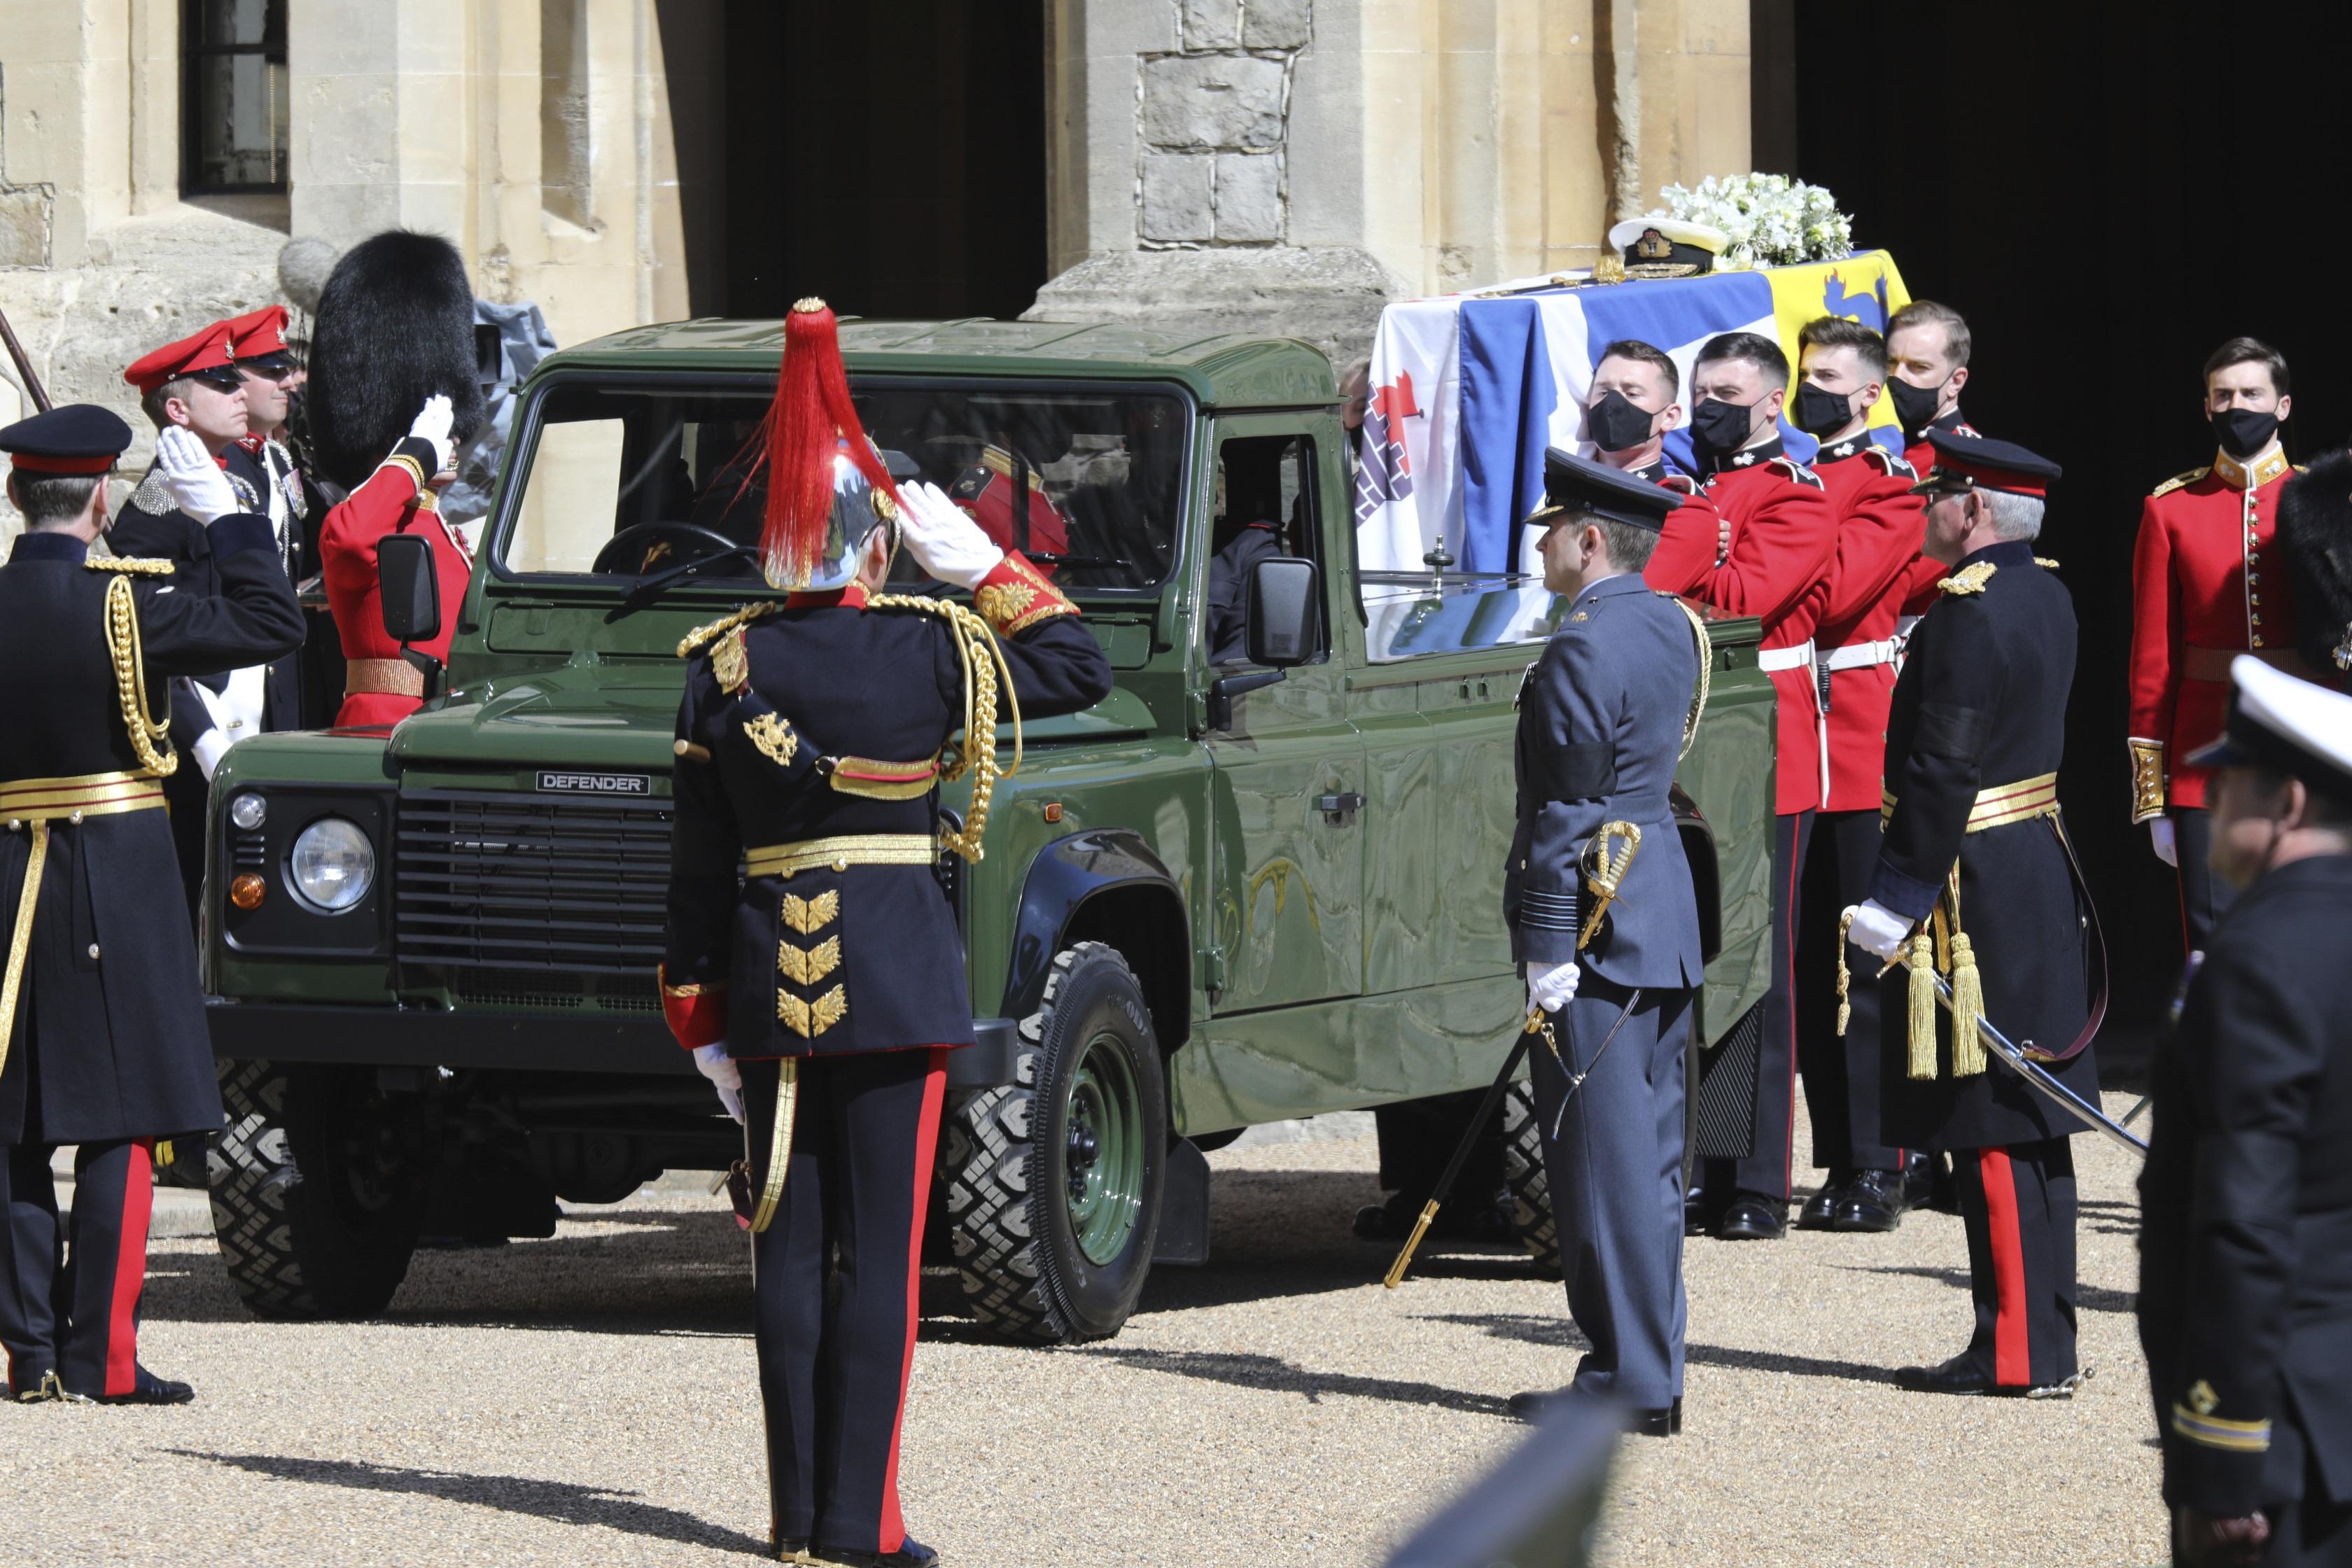 El ataúd fue transportado en un vehículo Land Rover modificado, cuyo diseño fue creado por el propio duque de Edimburgo. (AP)